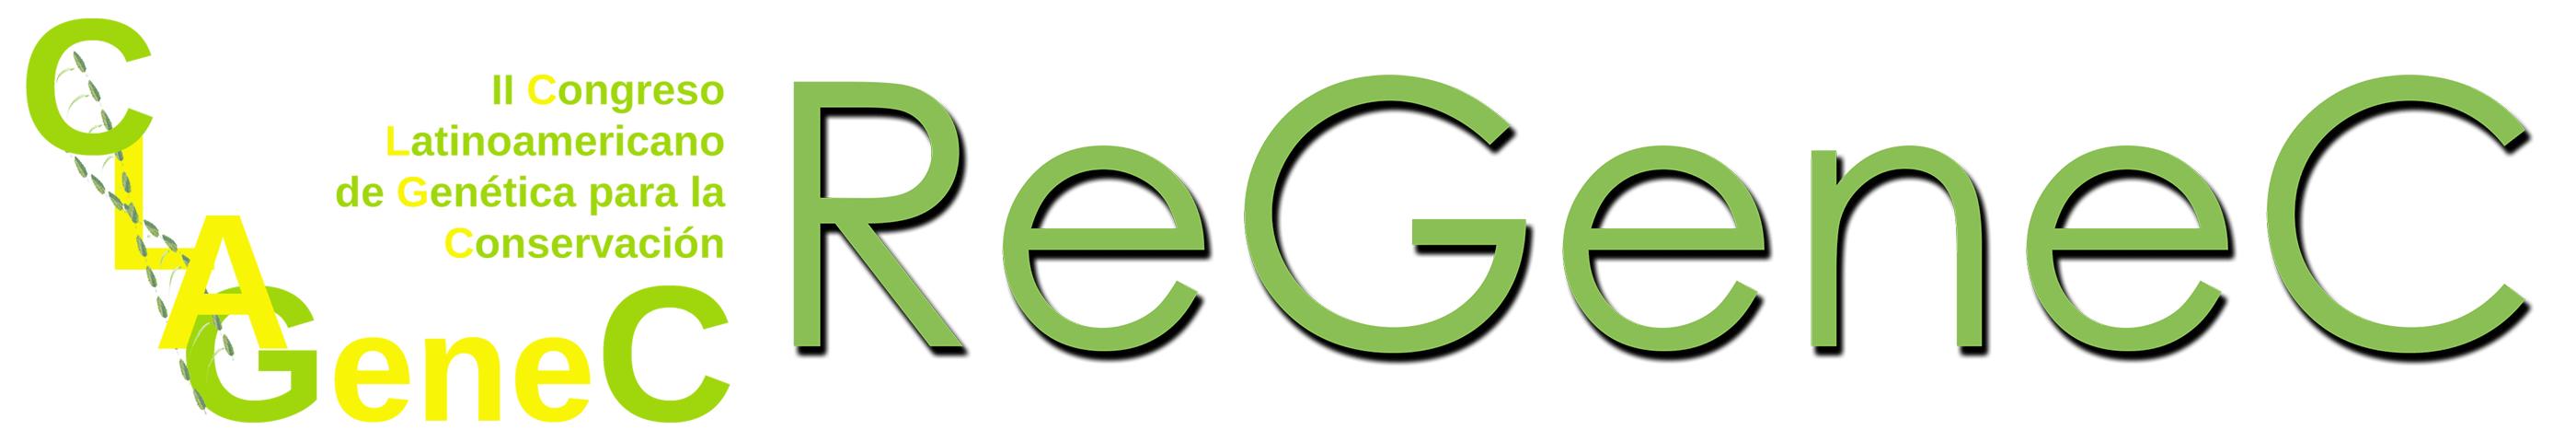 II Congreso Latinoamericano de Genética para la Conservación - ReGeneC